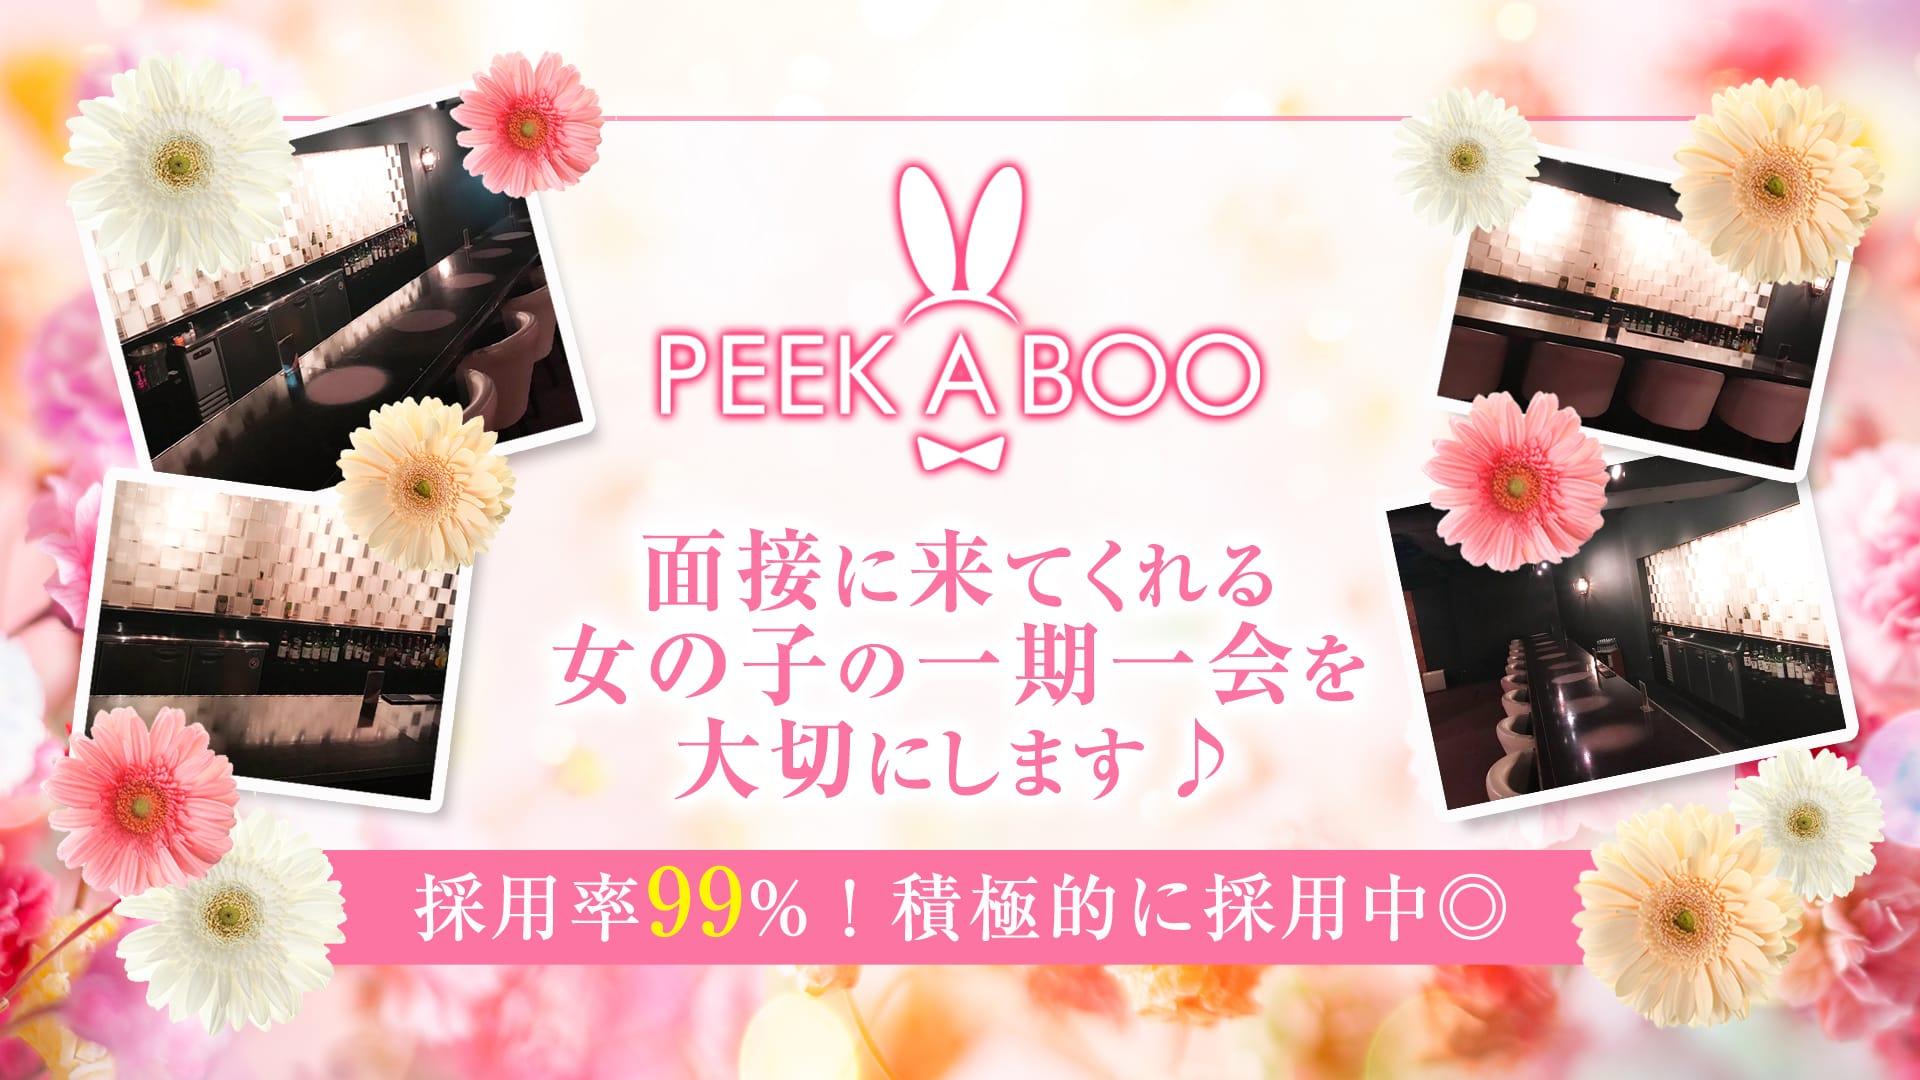 ハイボールバー PEEK A BOO(ピーカブ―) 藤沢ガールズバー TOP画像